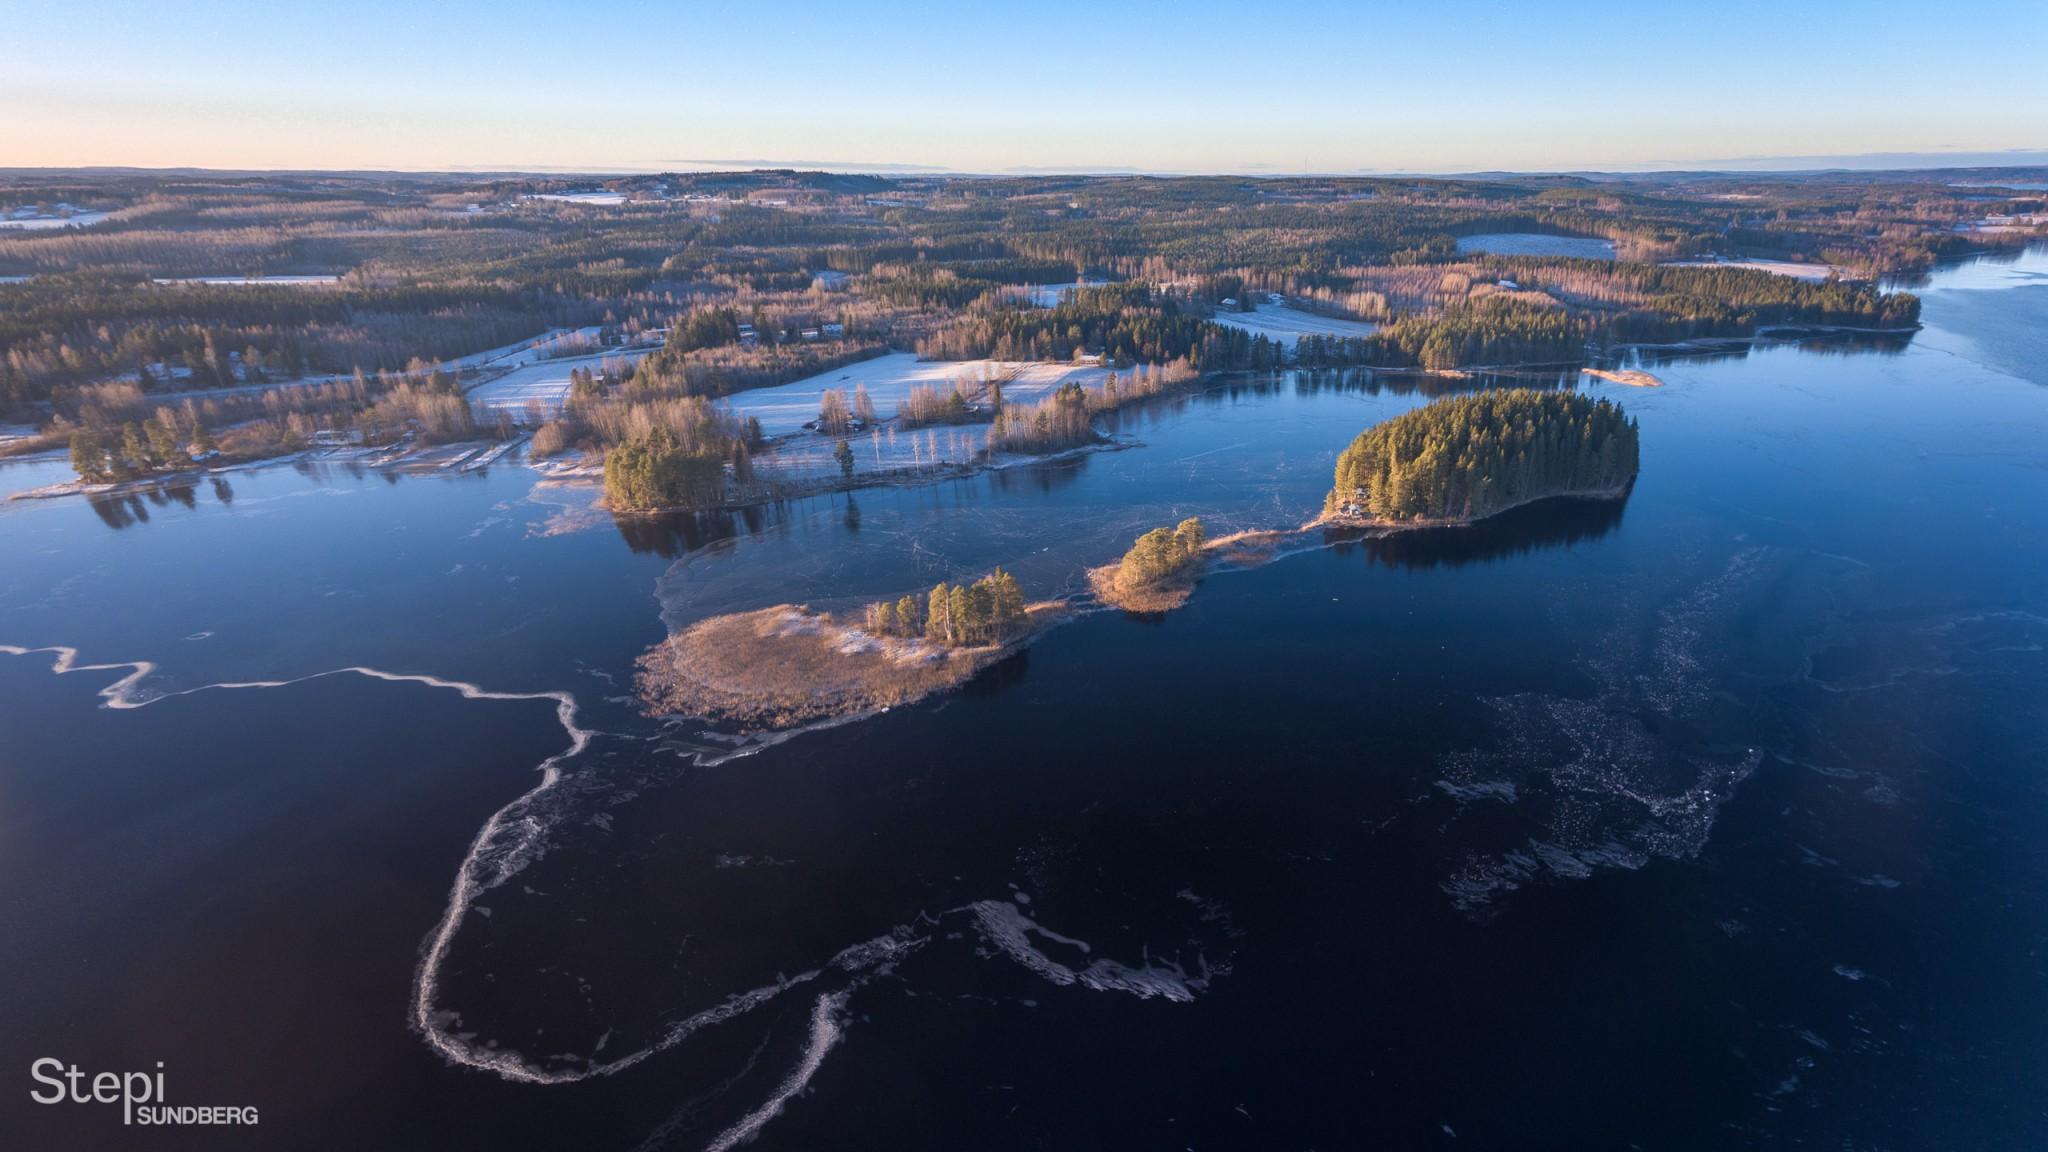 Ilmakuva Lannevesi, Valokuvaaja Stepi Sundberg